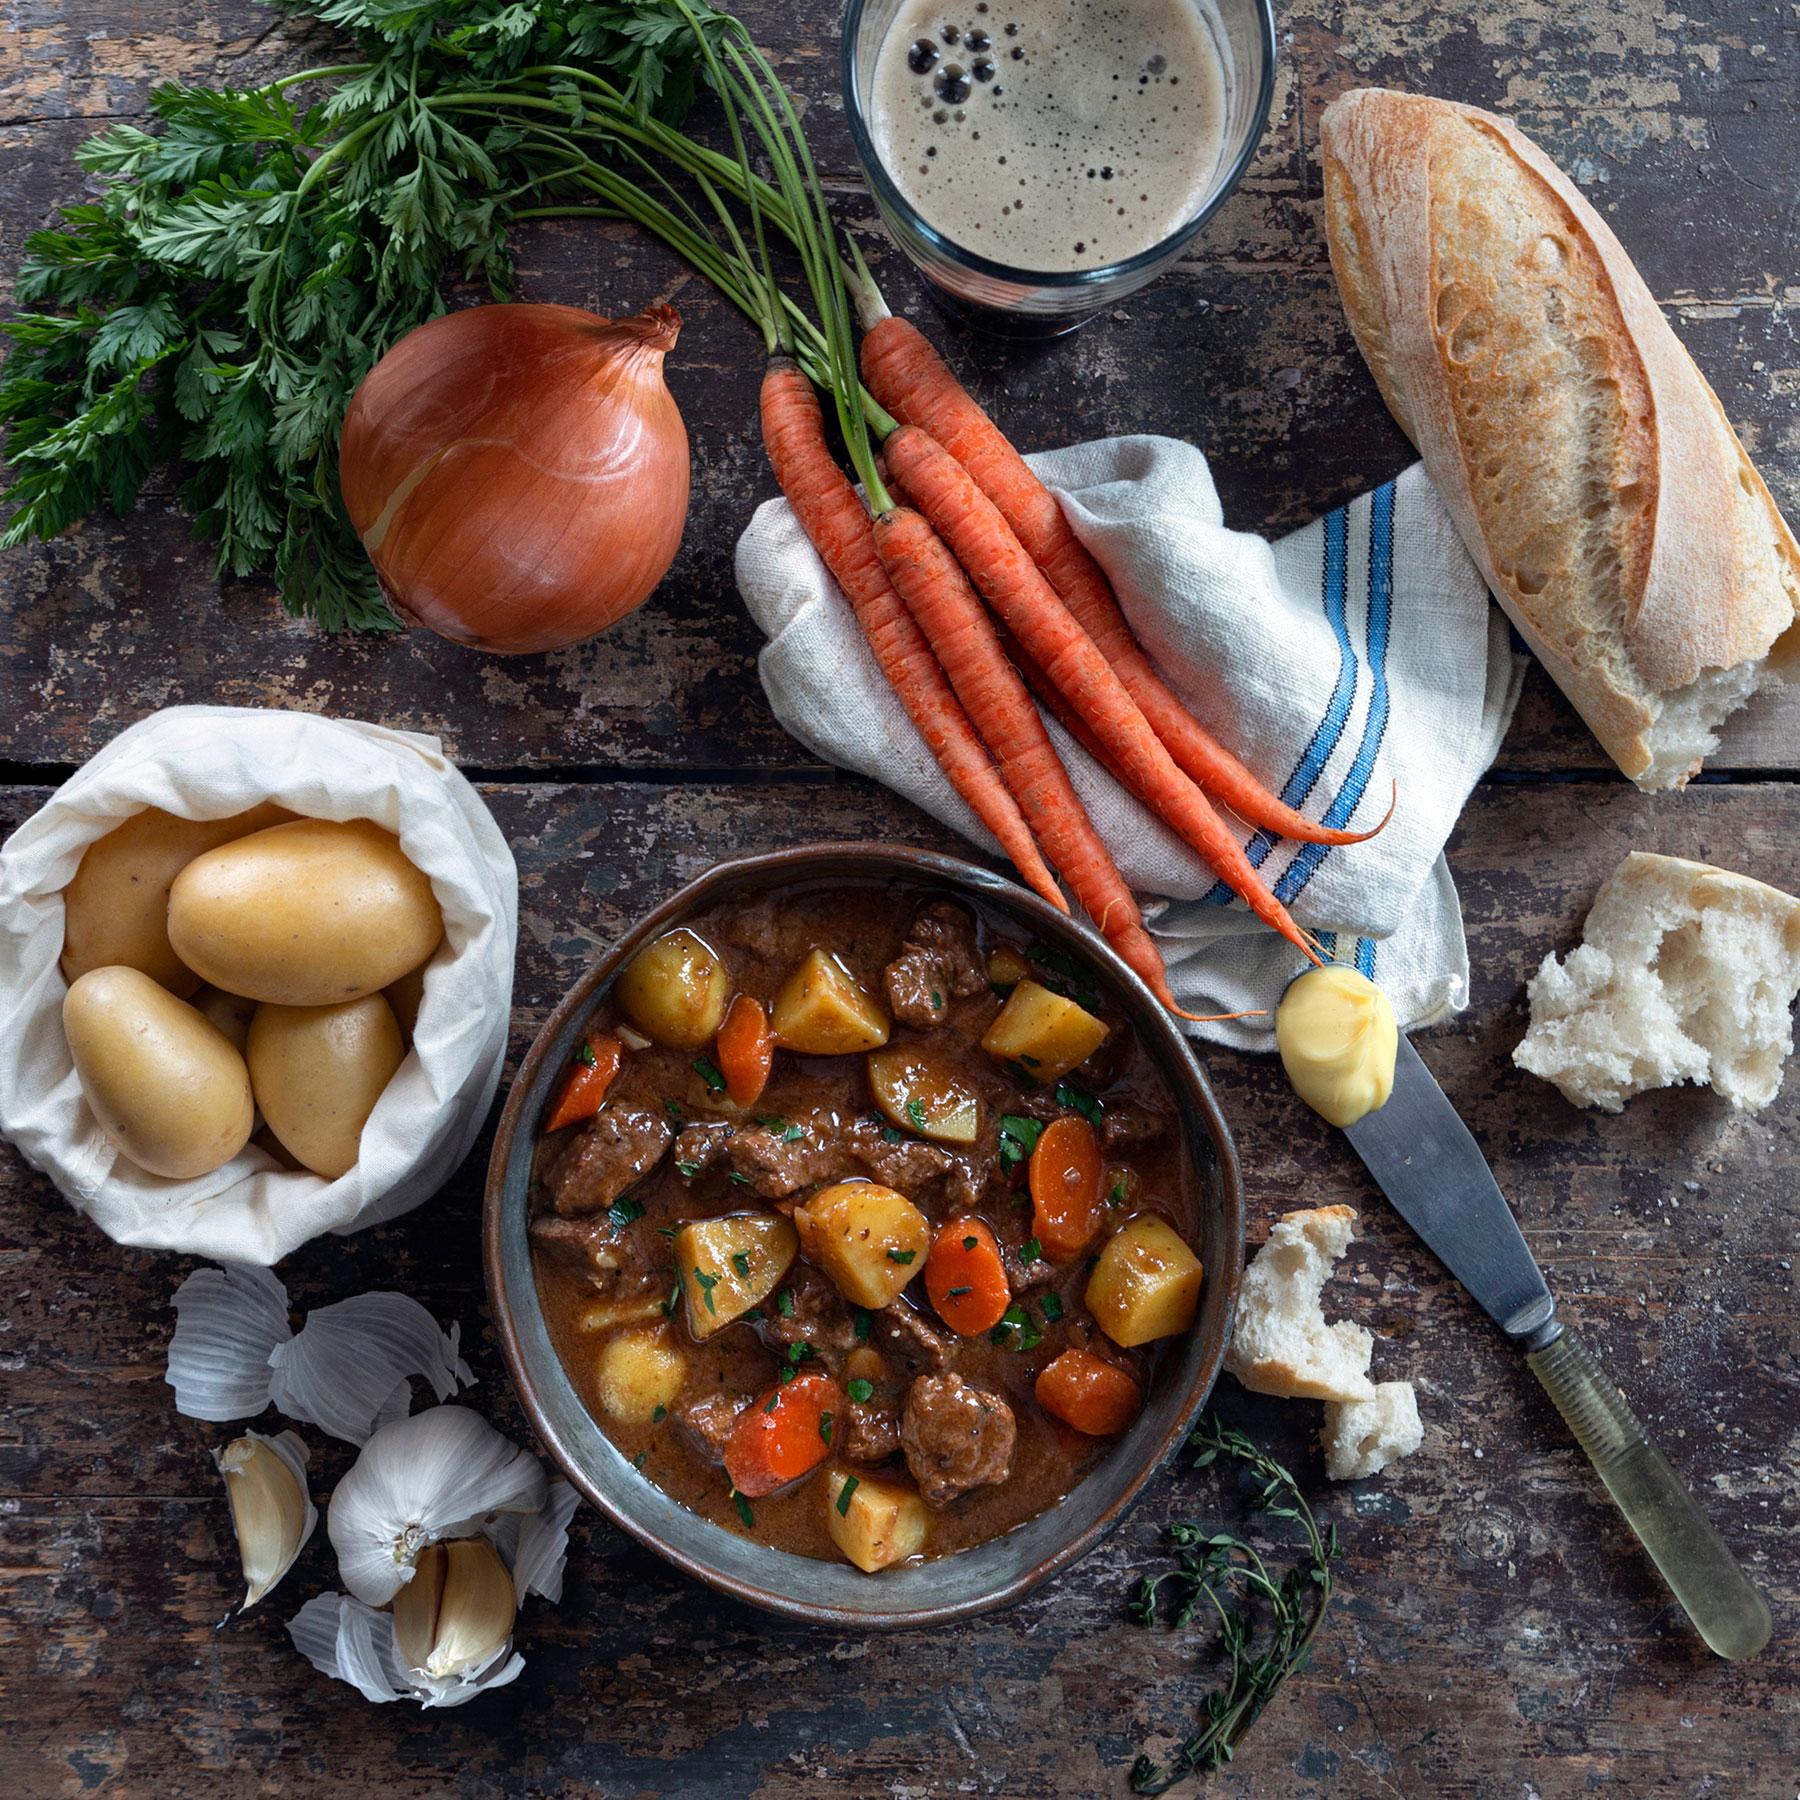 Stovetop Steak + Stout Stew